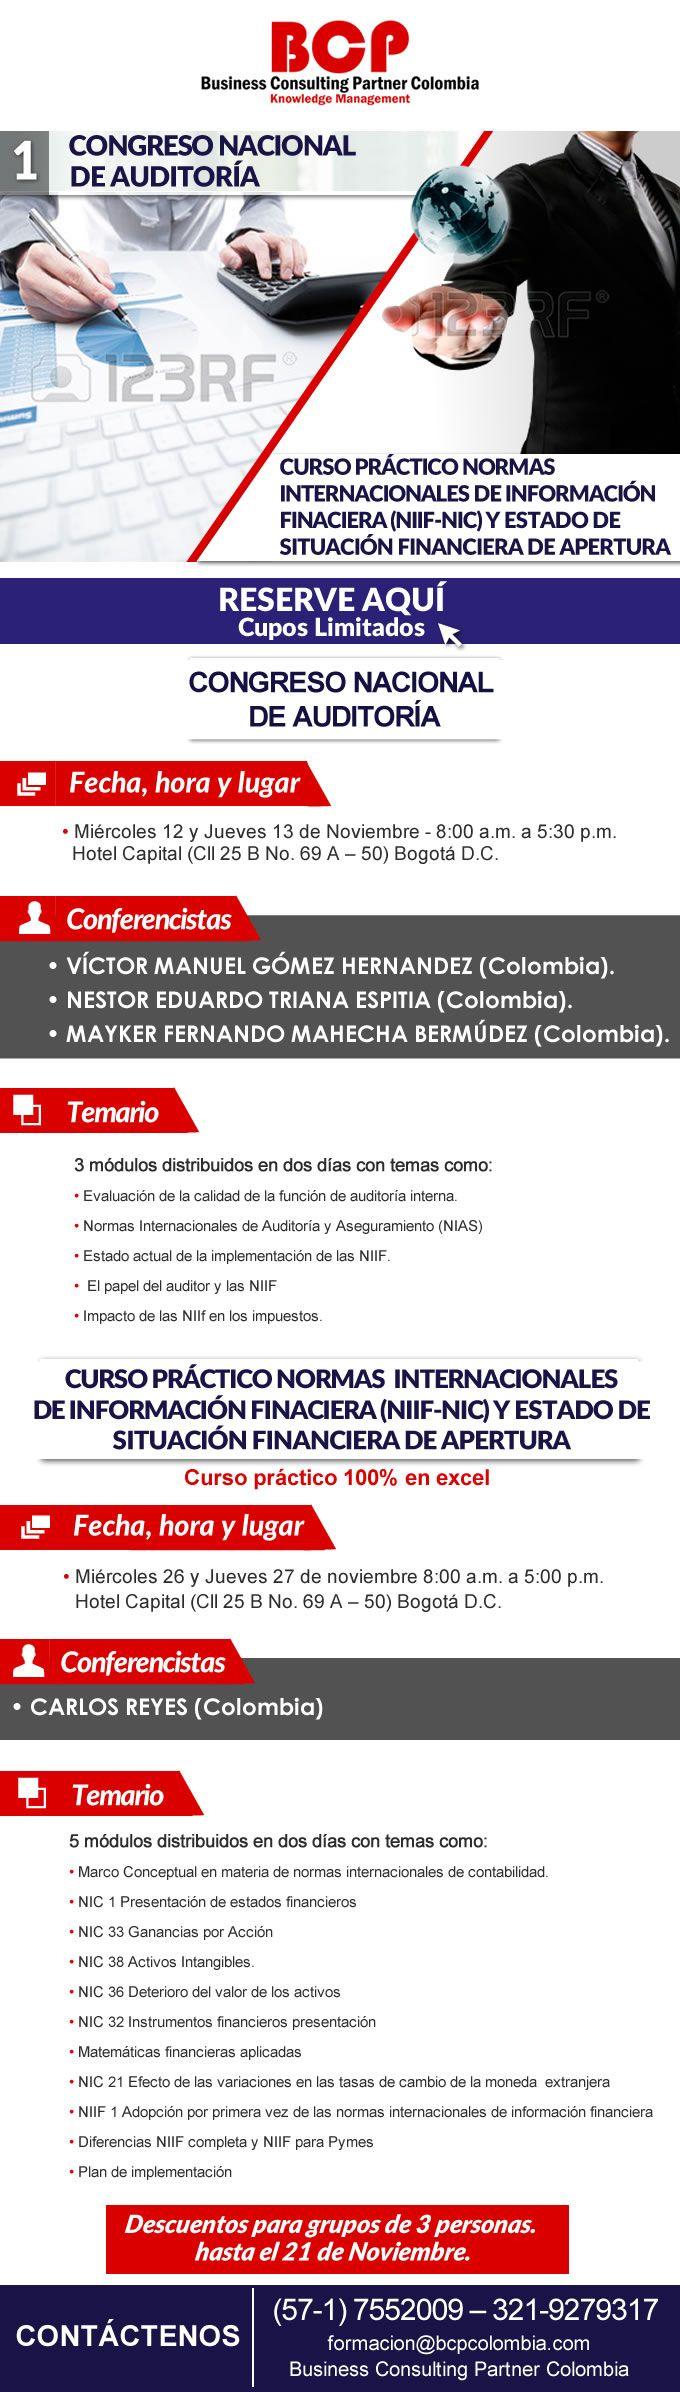 #NOVOCLICK esta con @BCPColombia #Congreso nacional de auditoria #Curso práctico normas internacionales de información financiera (niif-nic) y estado de  situación financiera de apertura